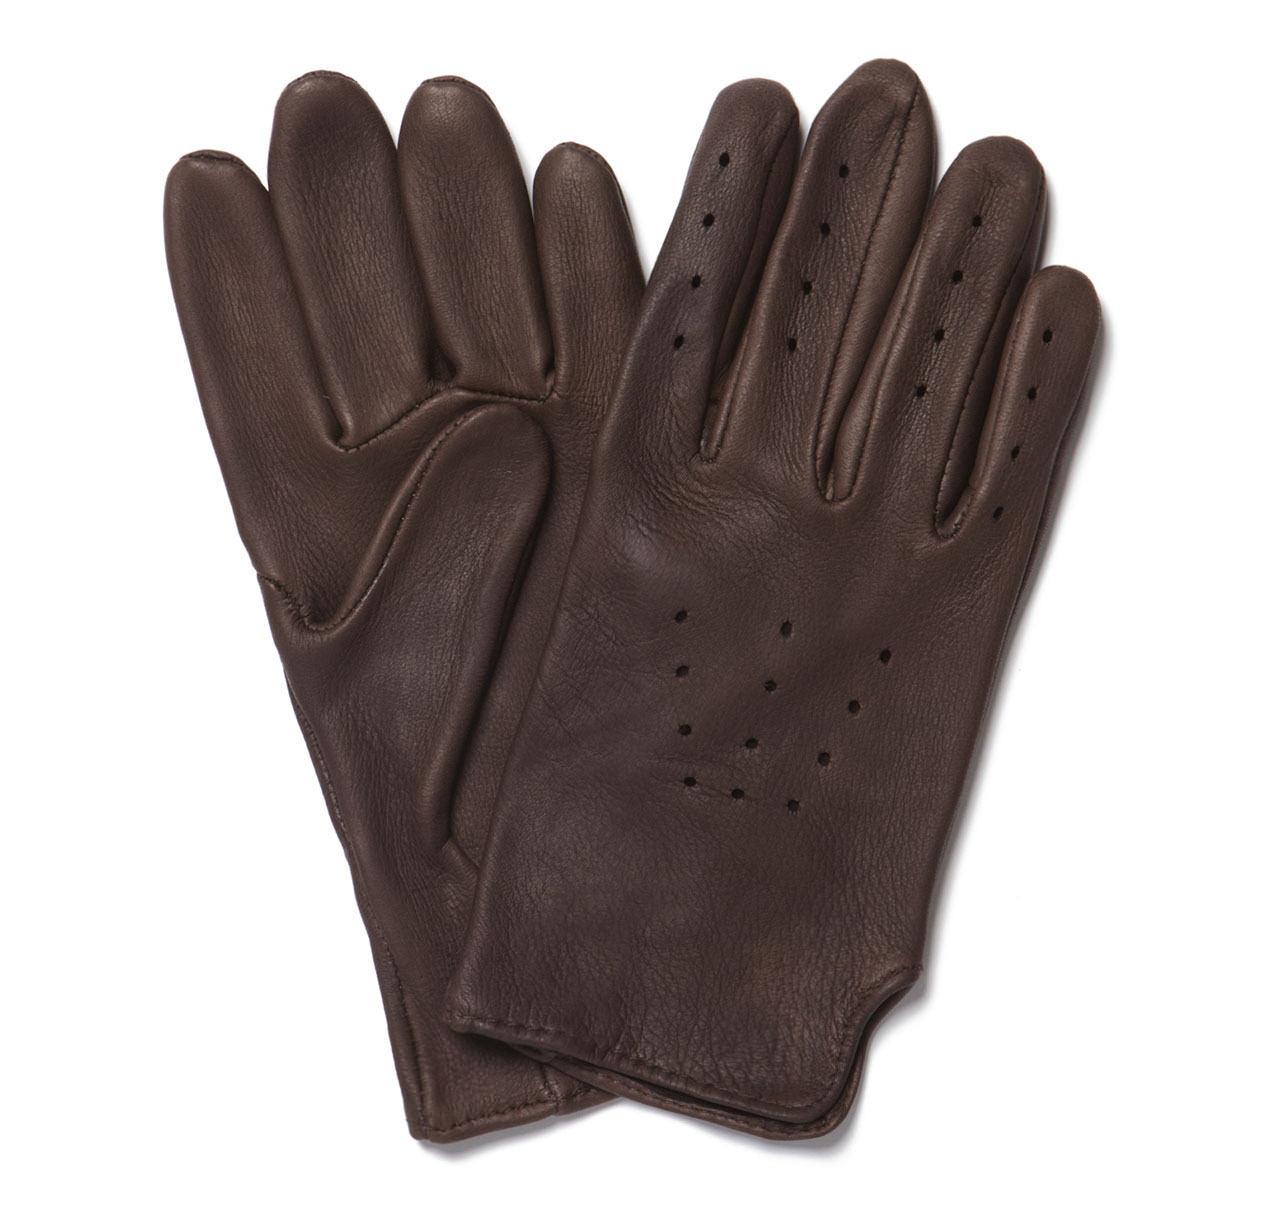 Driving gloves portland oregon - Maduro Deerskin Driving Gloves